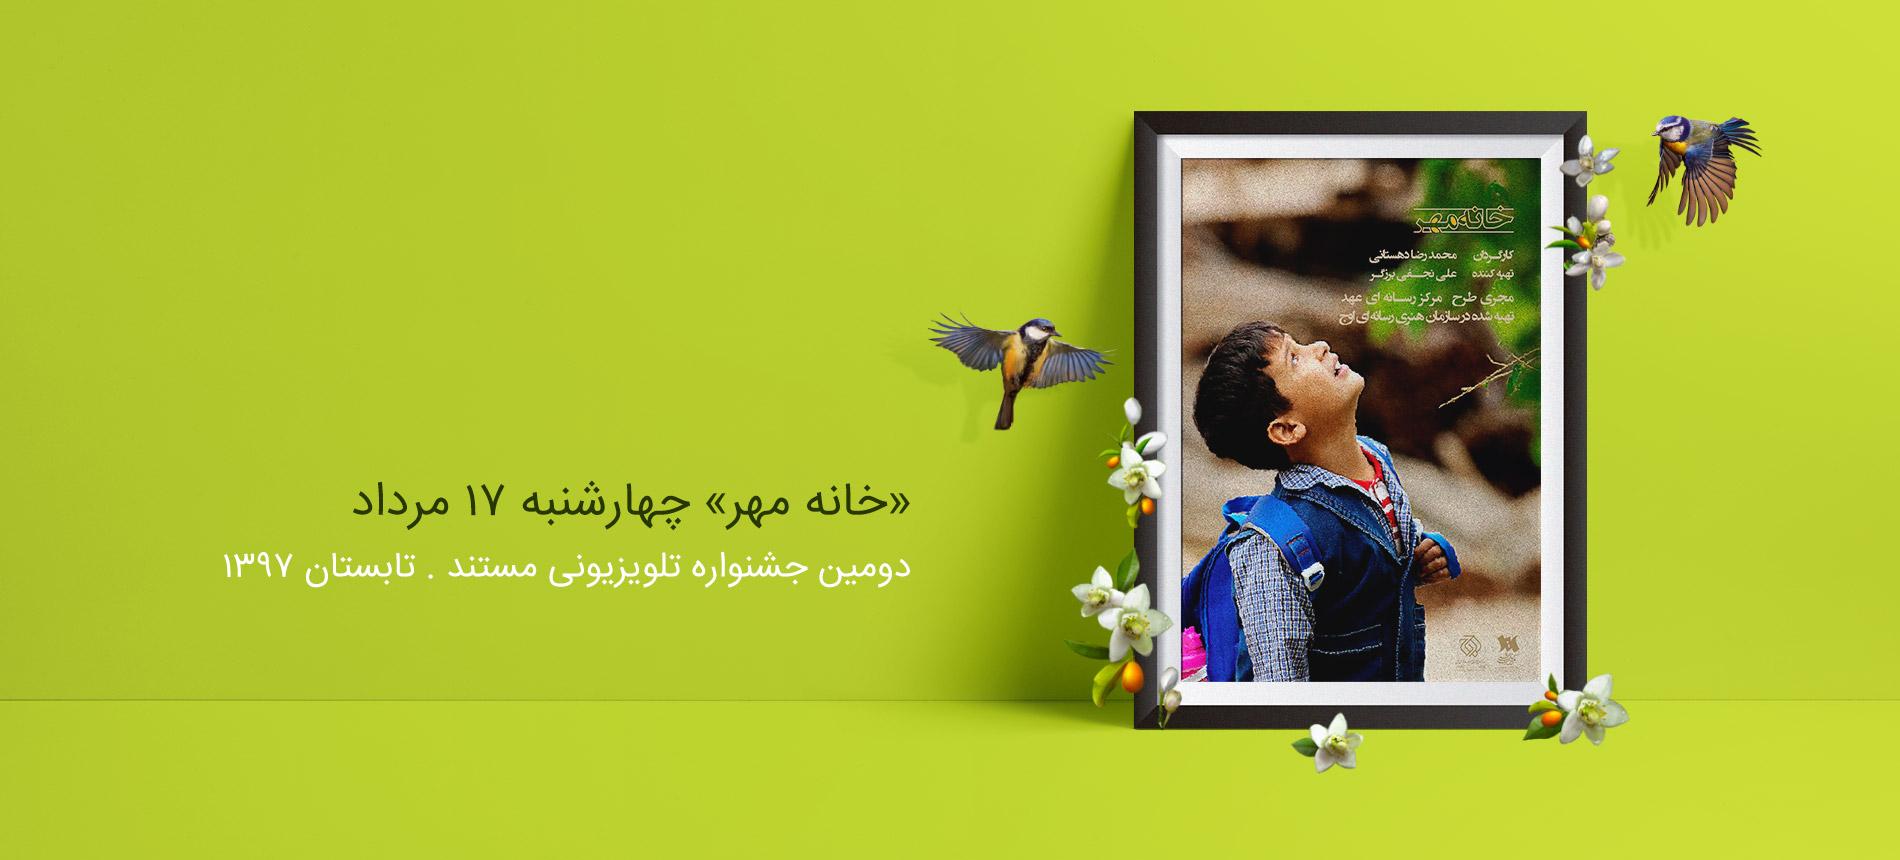 پناهگاهی برای کودکان بی پناه در «خانه مهر» به روایت «محمدرضا دهستانی»